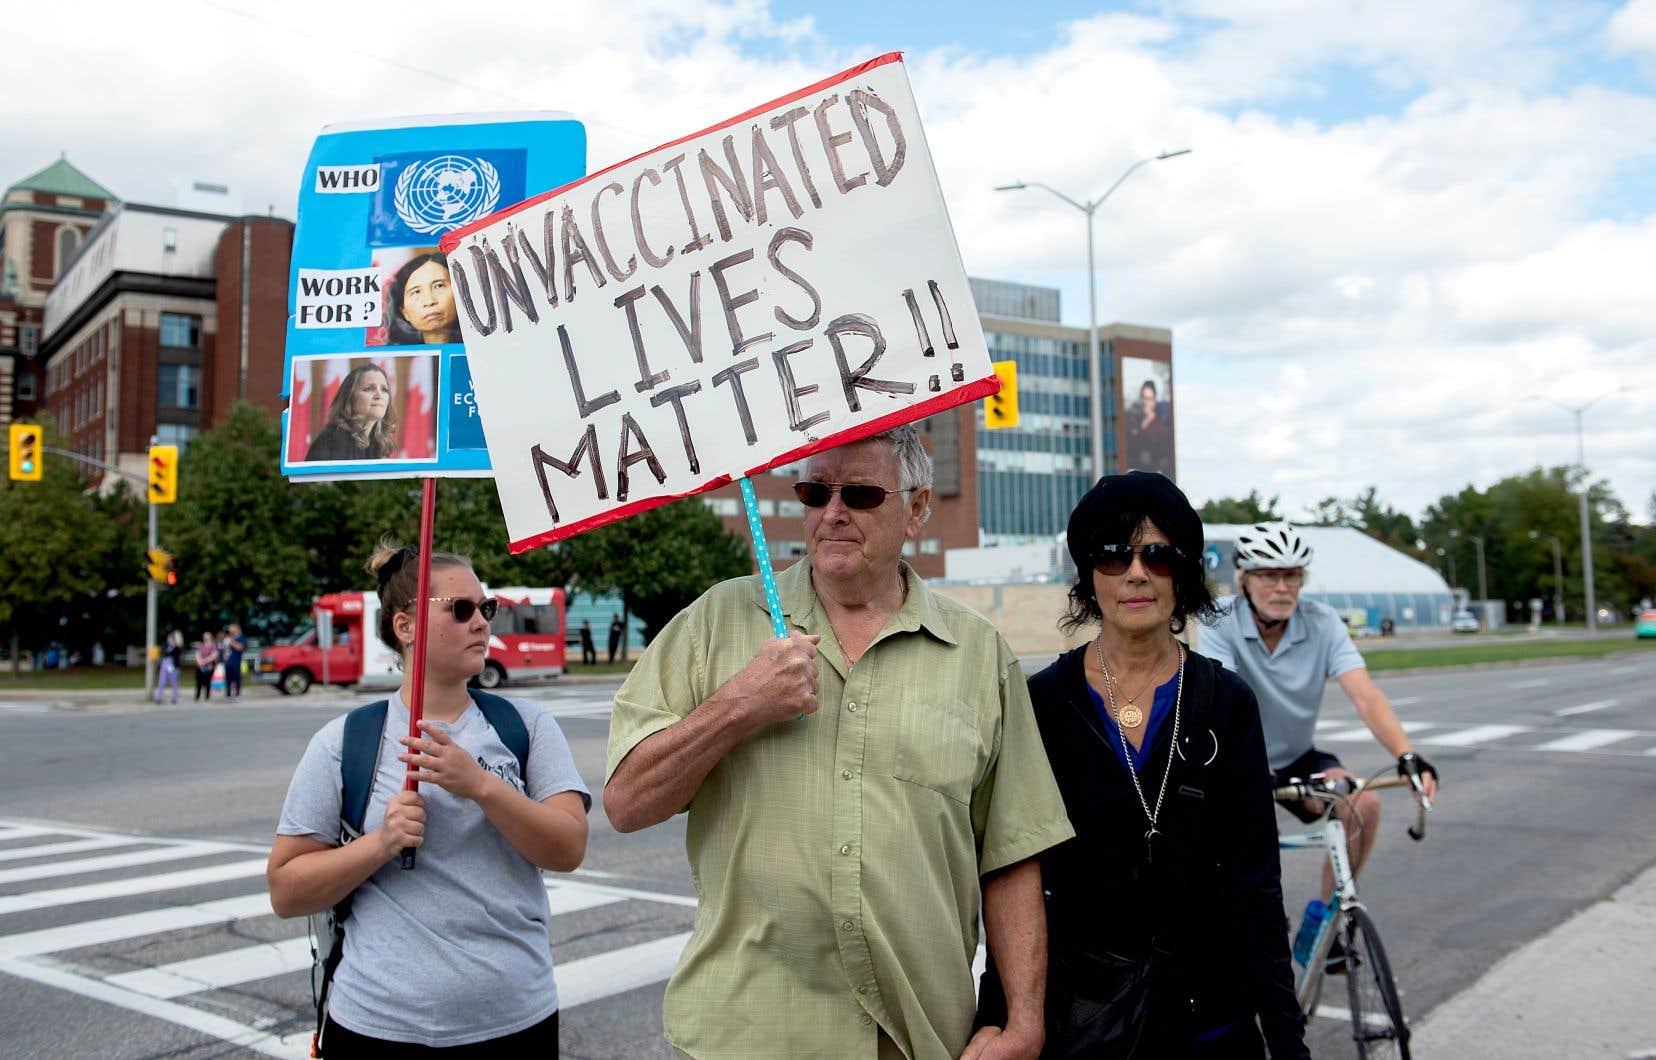 Des opposants aux mesures sanitaires manifestaient devant le campus Civic de l'hôpital d'Ottawa lundi. Les chefs fédéraux se sont unis pour dénoncer le fait que des antivaccins se réunissent devant les hôpitaux du pays, en bloquant parfois leur accès.